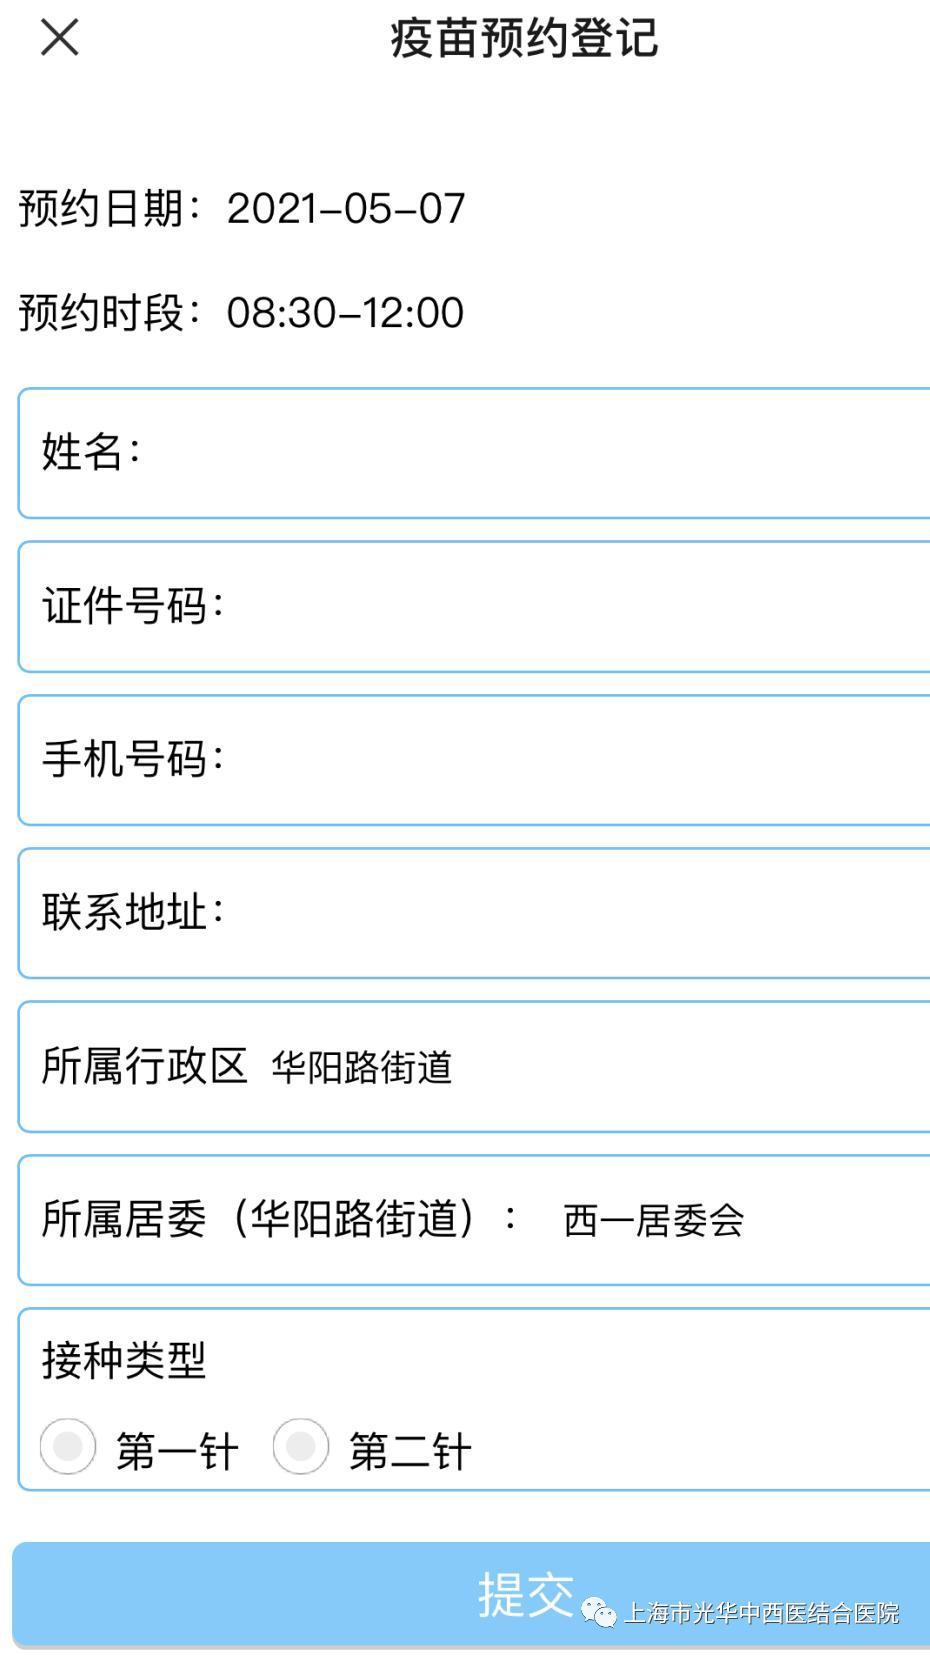 广州番禺疫苗接种预约app_广州番禺婚姻登记预约_广州番禺车辆年审预约